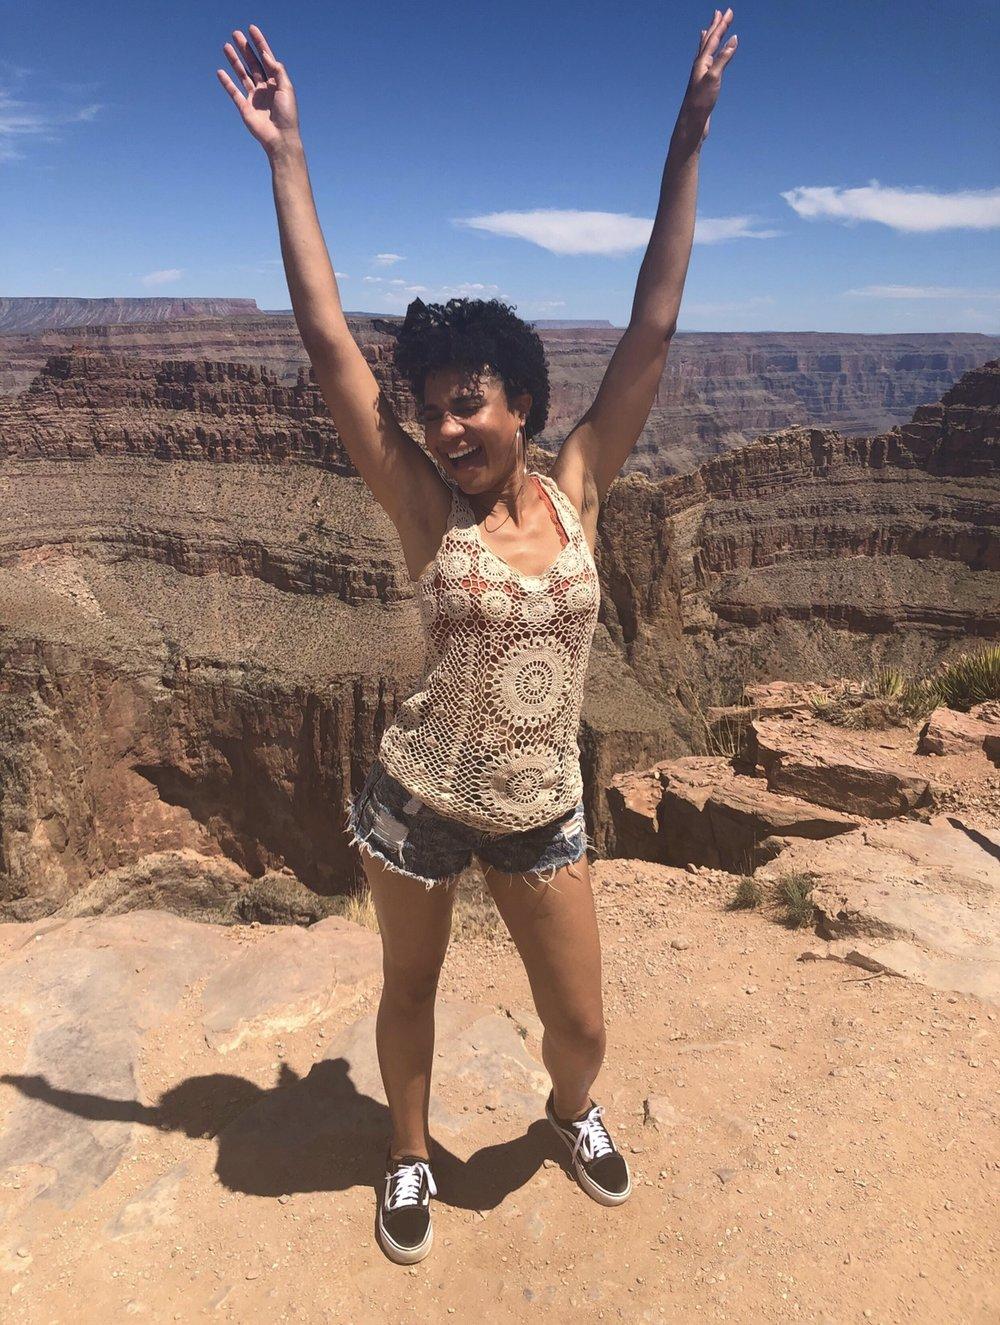 Grand Canyon - sabineforever.com 3.jpg